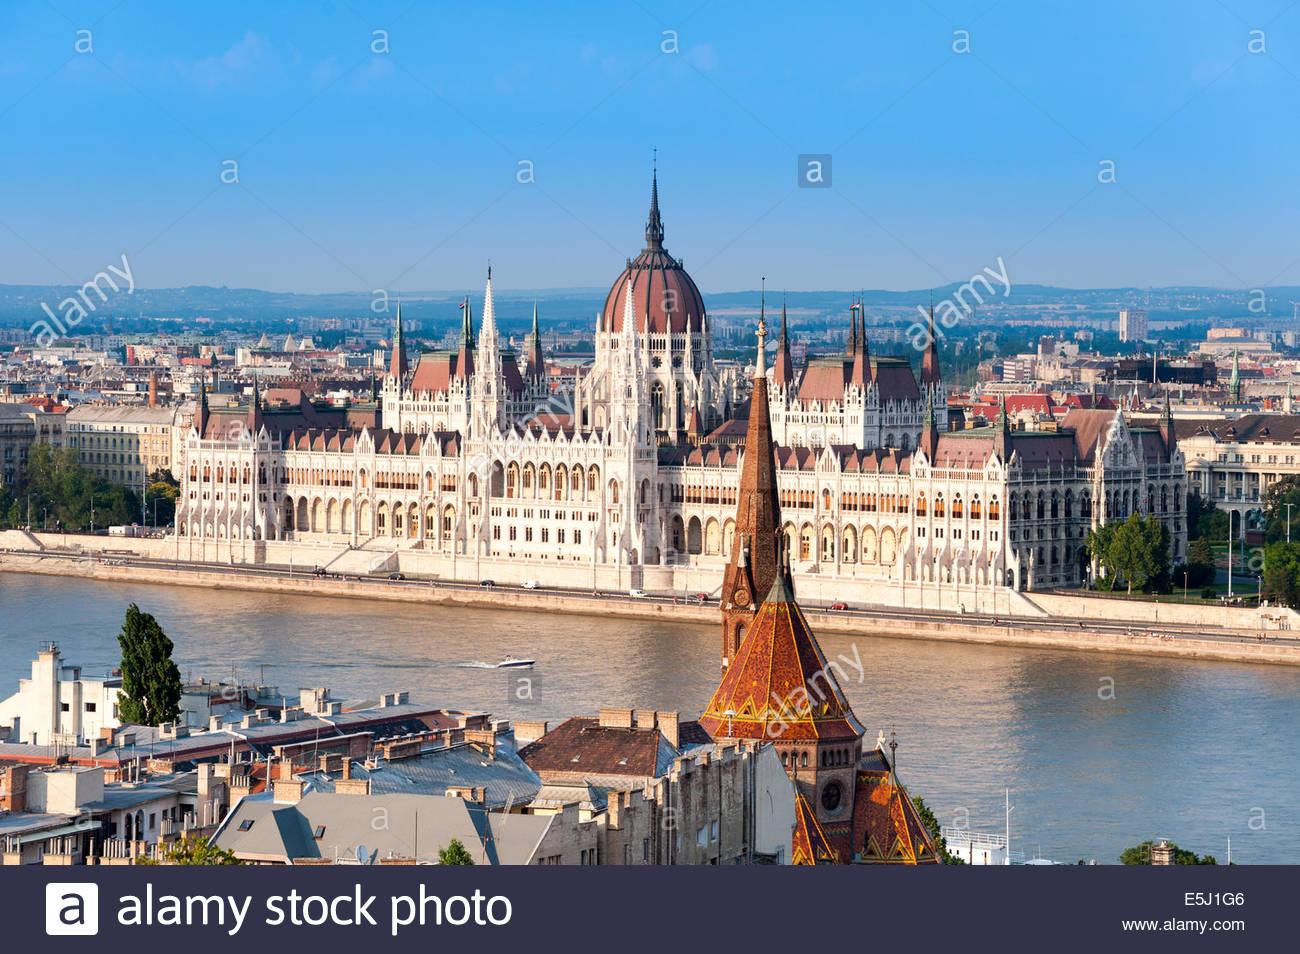 Blick auf die Donau und das Parlamentsgebäude in Budapest, Ungarn Stockbild